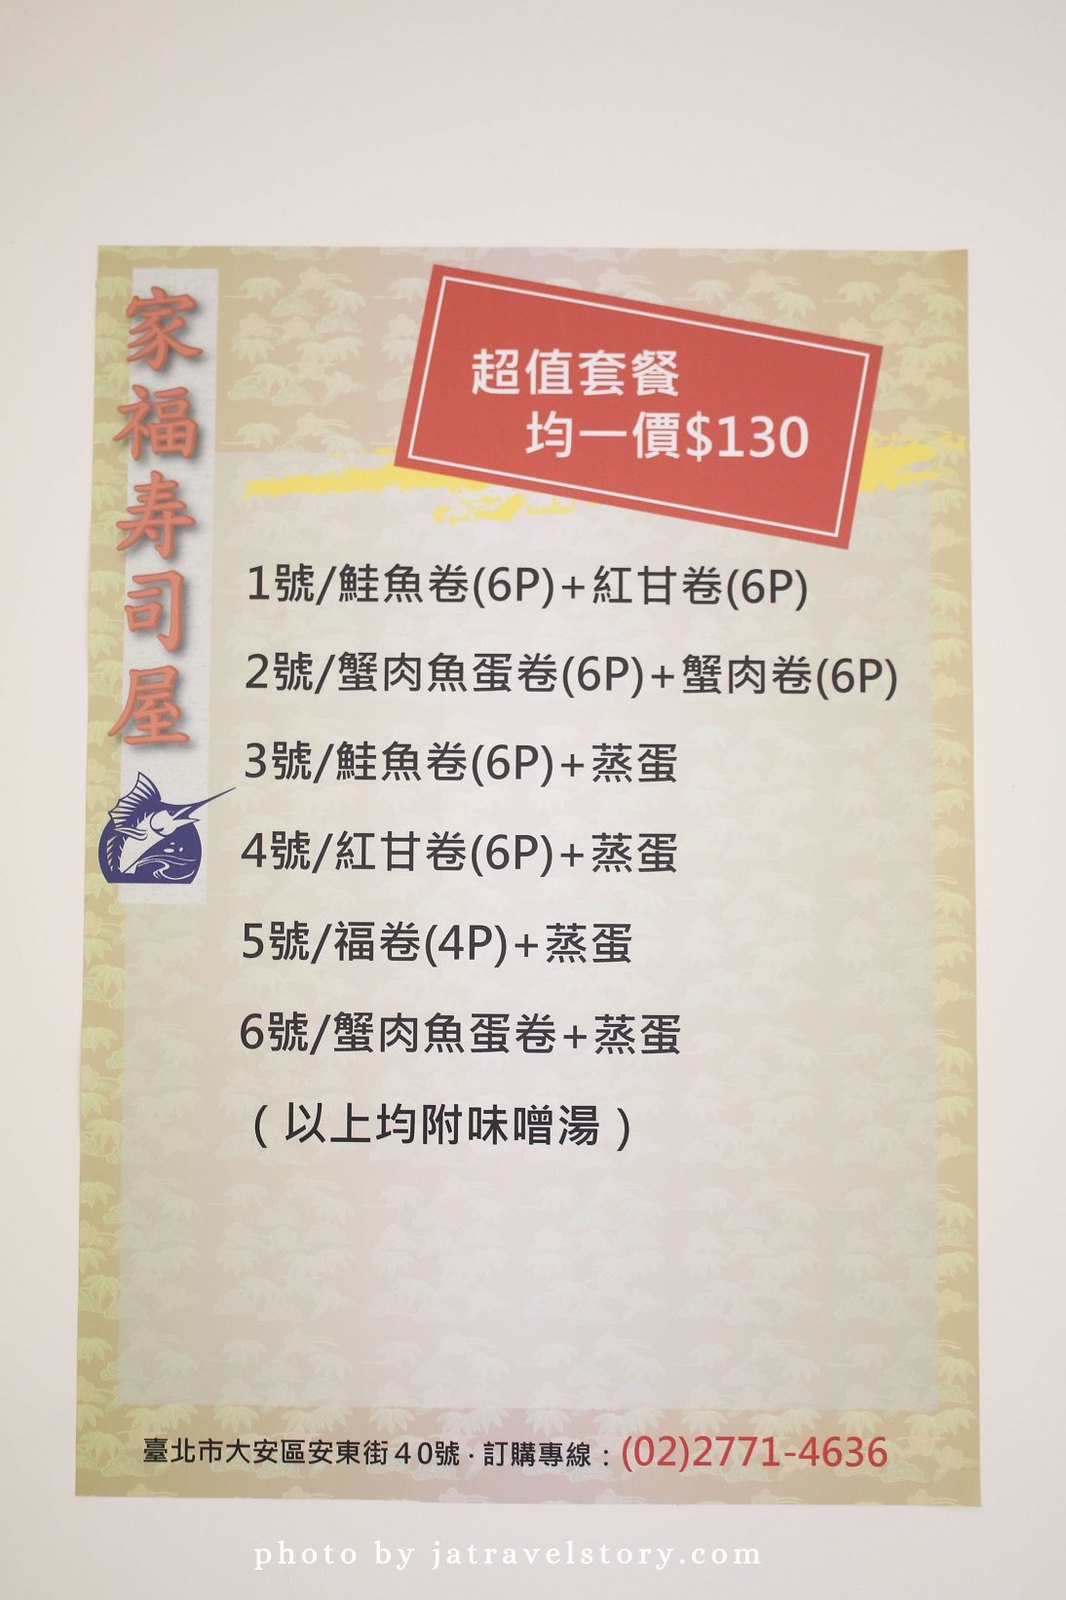 家福壽司屋 細卷套餐只要130元,東區平價壽司店重新開幕!【捷運忠孝復興】 @J&A的旅行